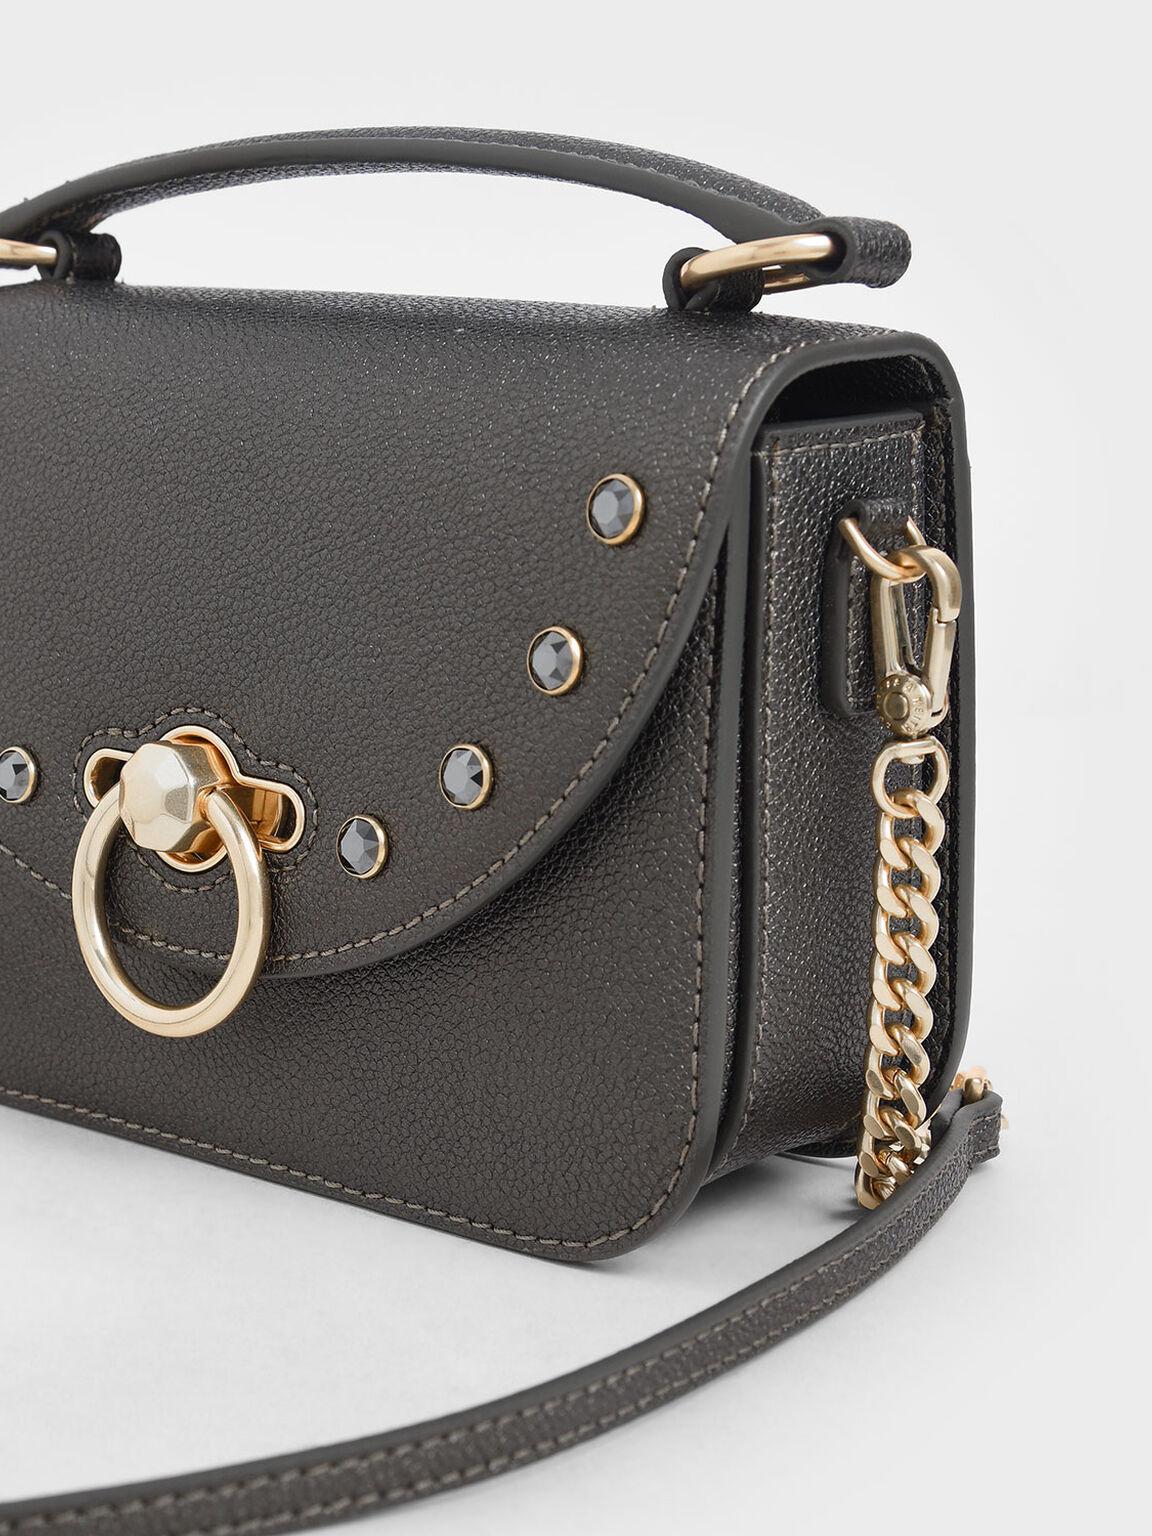 Ring Push Lock Embellished Bag, Pewter, hi-res